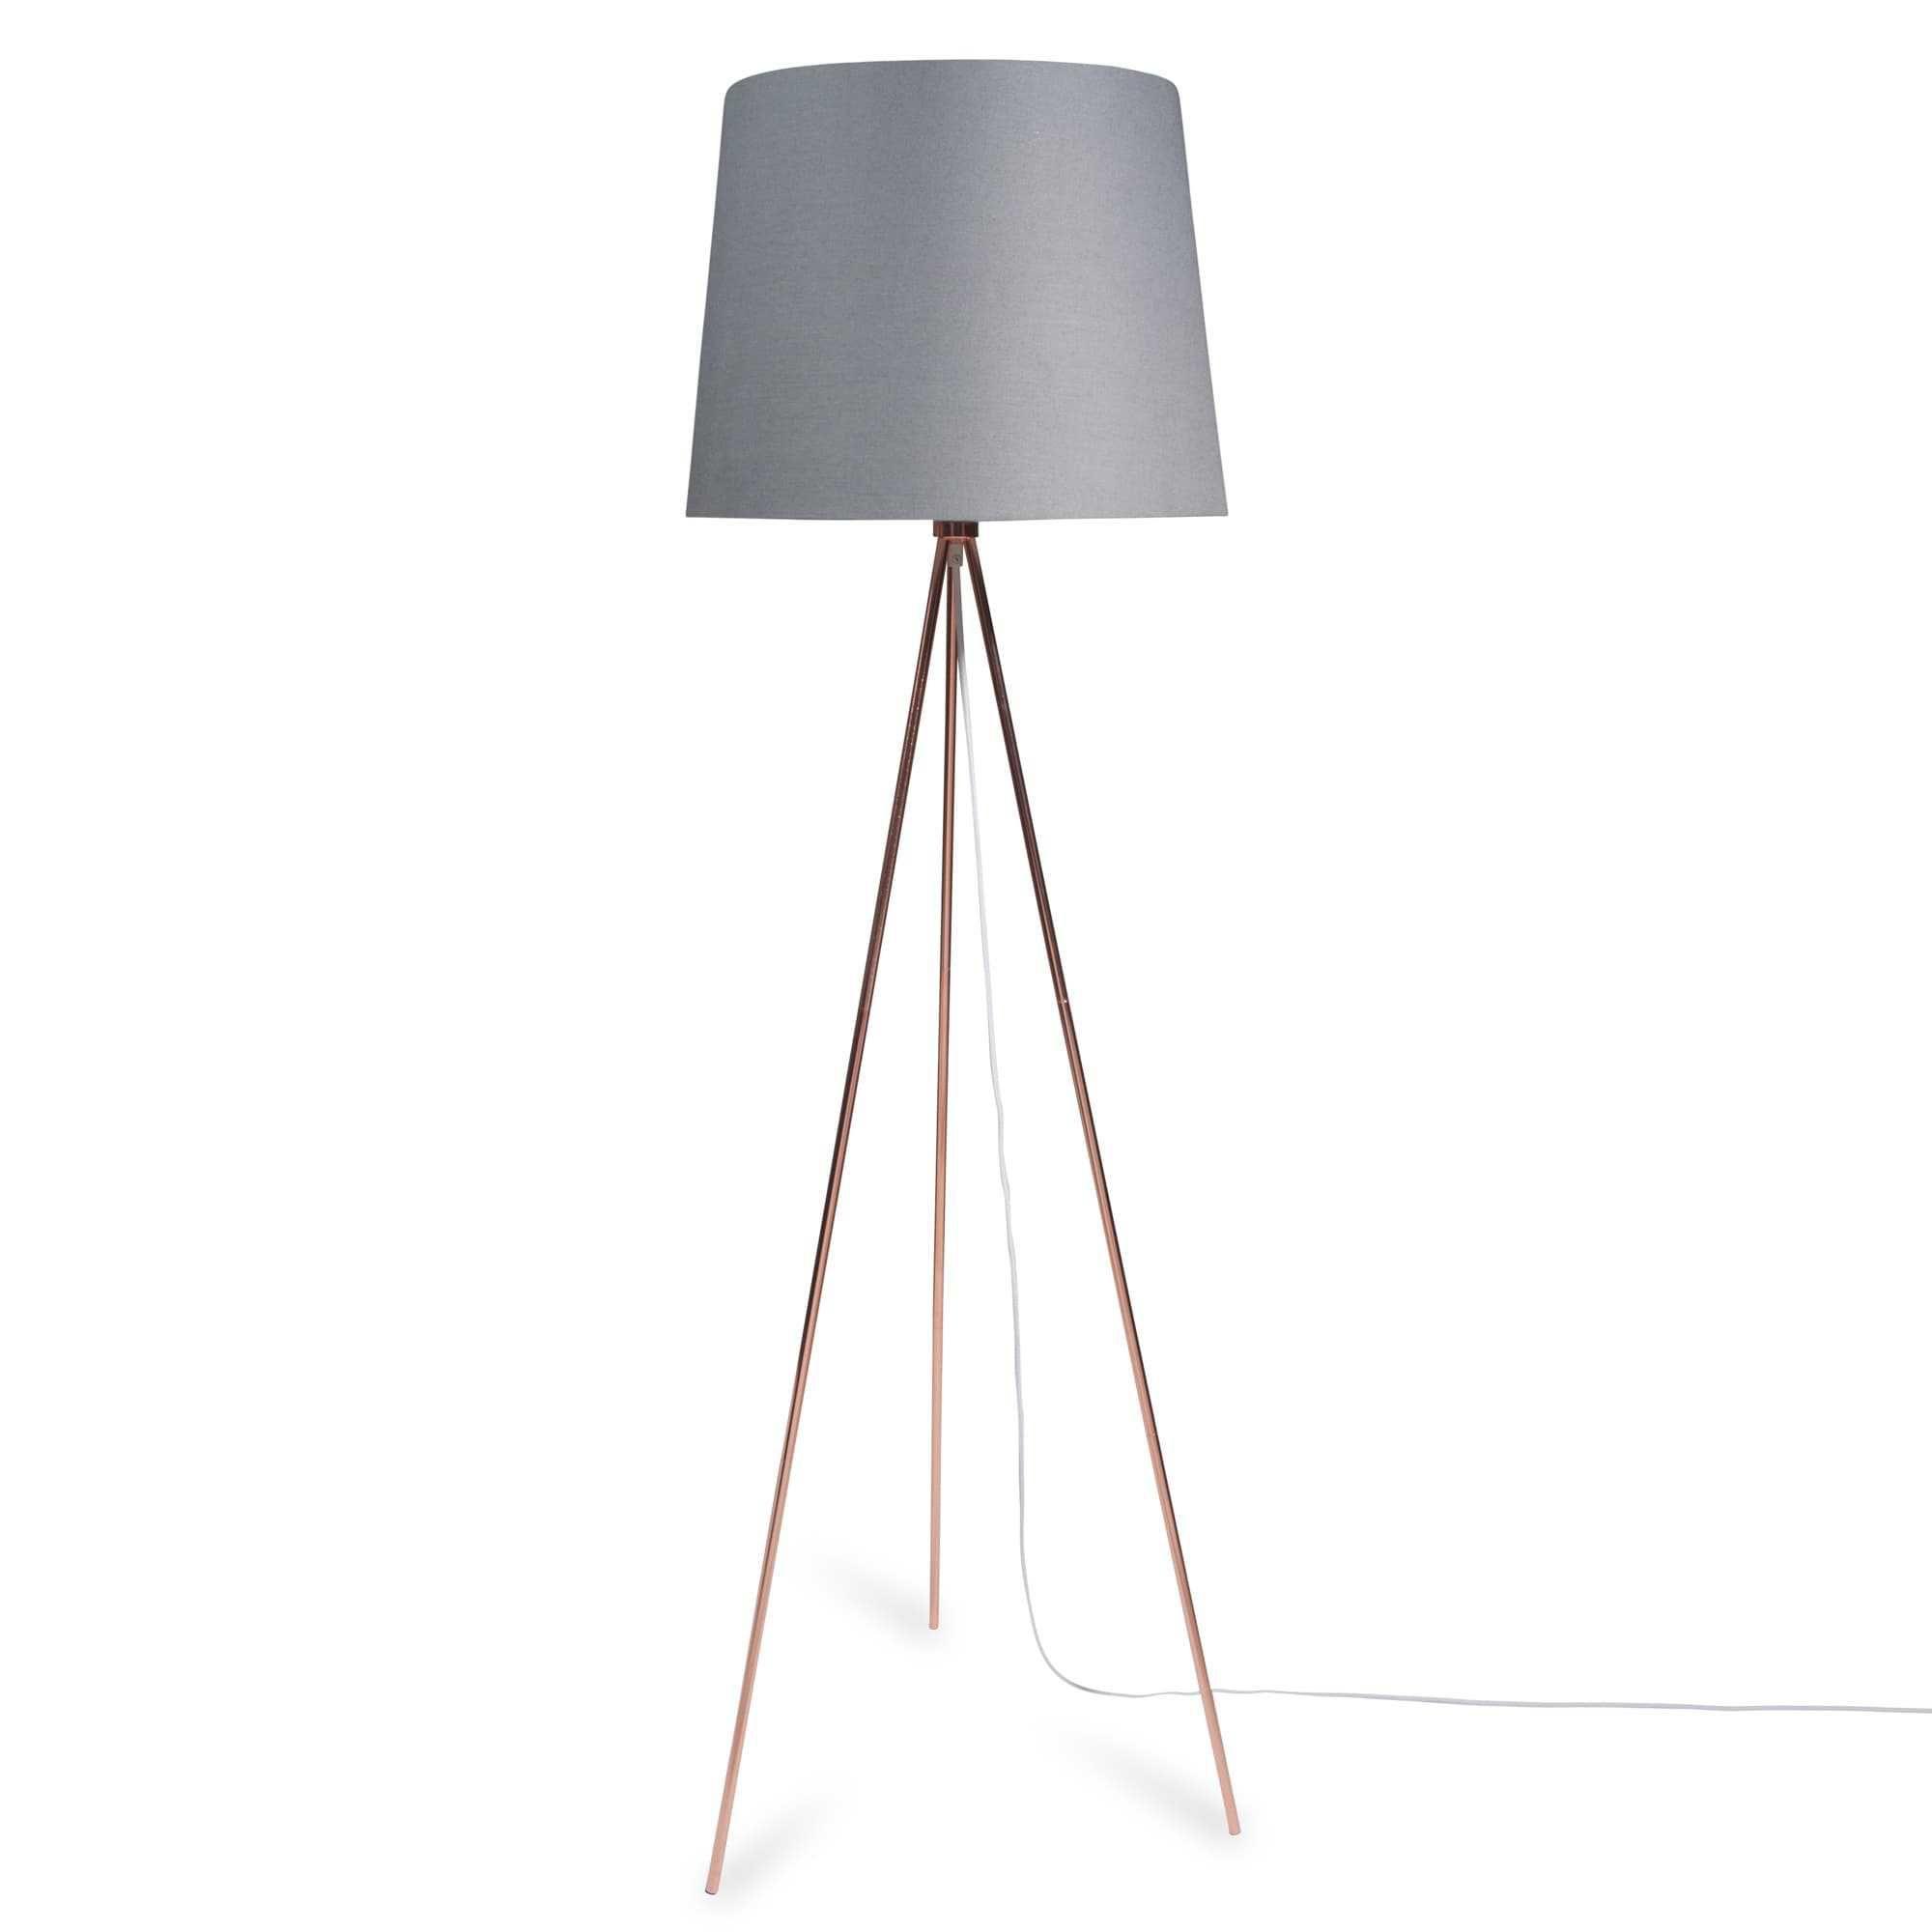 Astounding Dreibein Stehlampe Beste Wahl Dreibein-stehlampe Aus Metall H 148 Cm